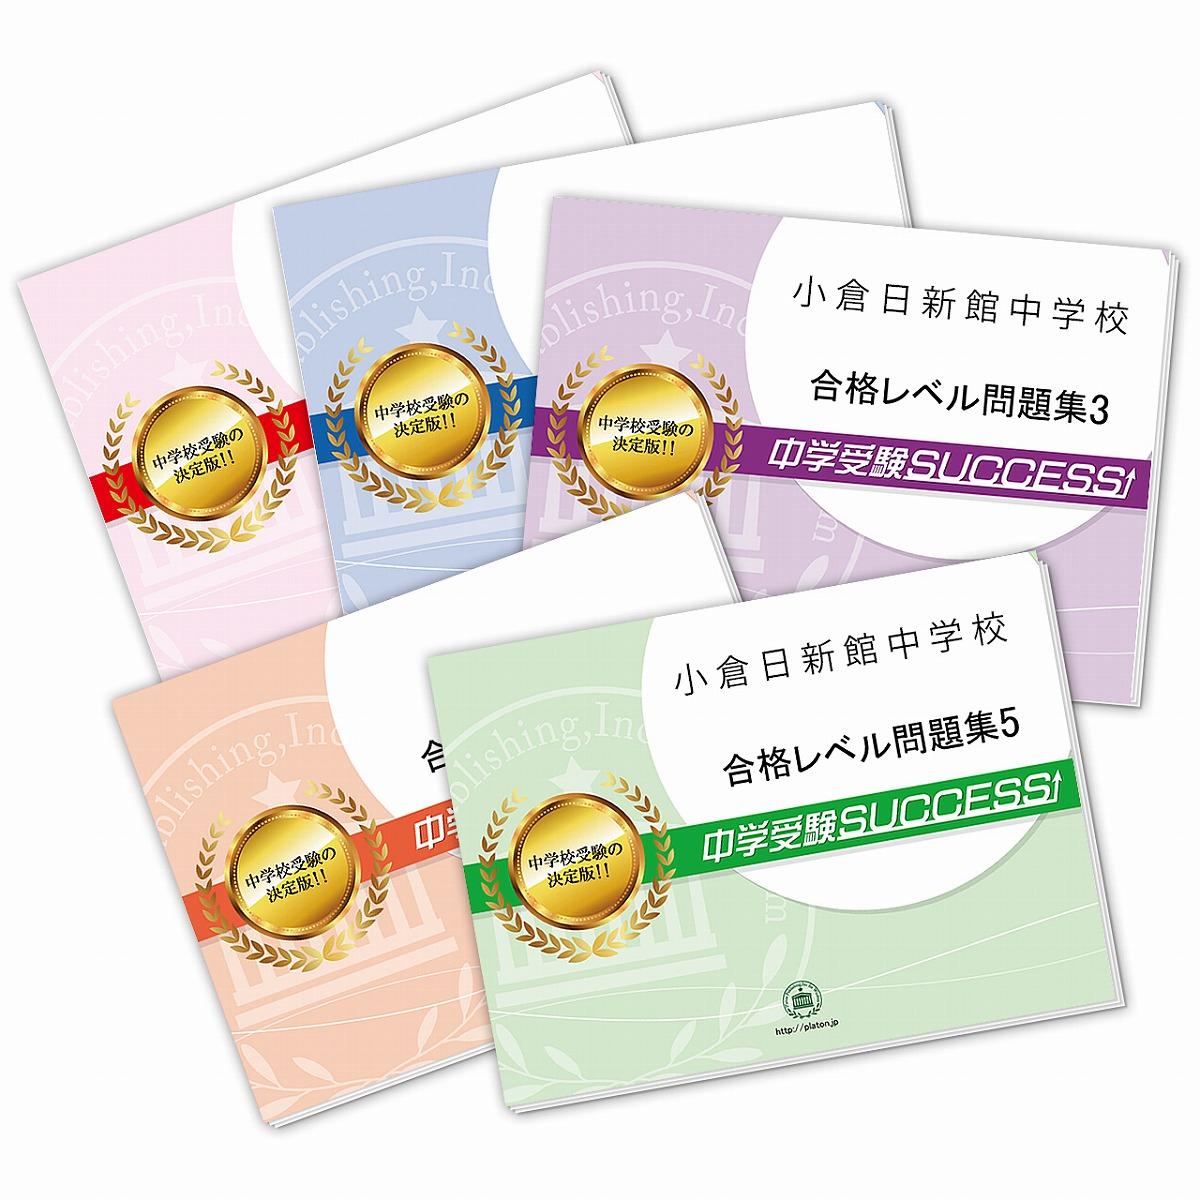 【送料・代引手数料無料】小倉日新館中学校・直前対策合格セット(5冊)